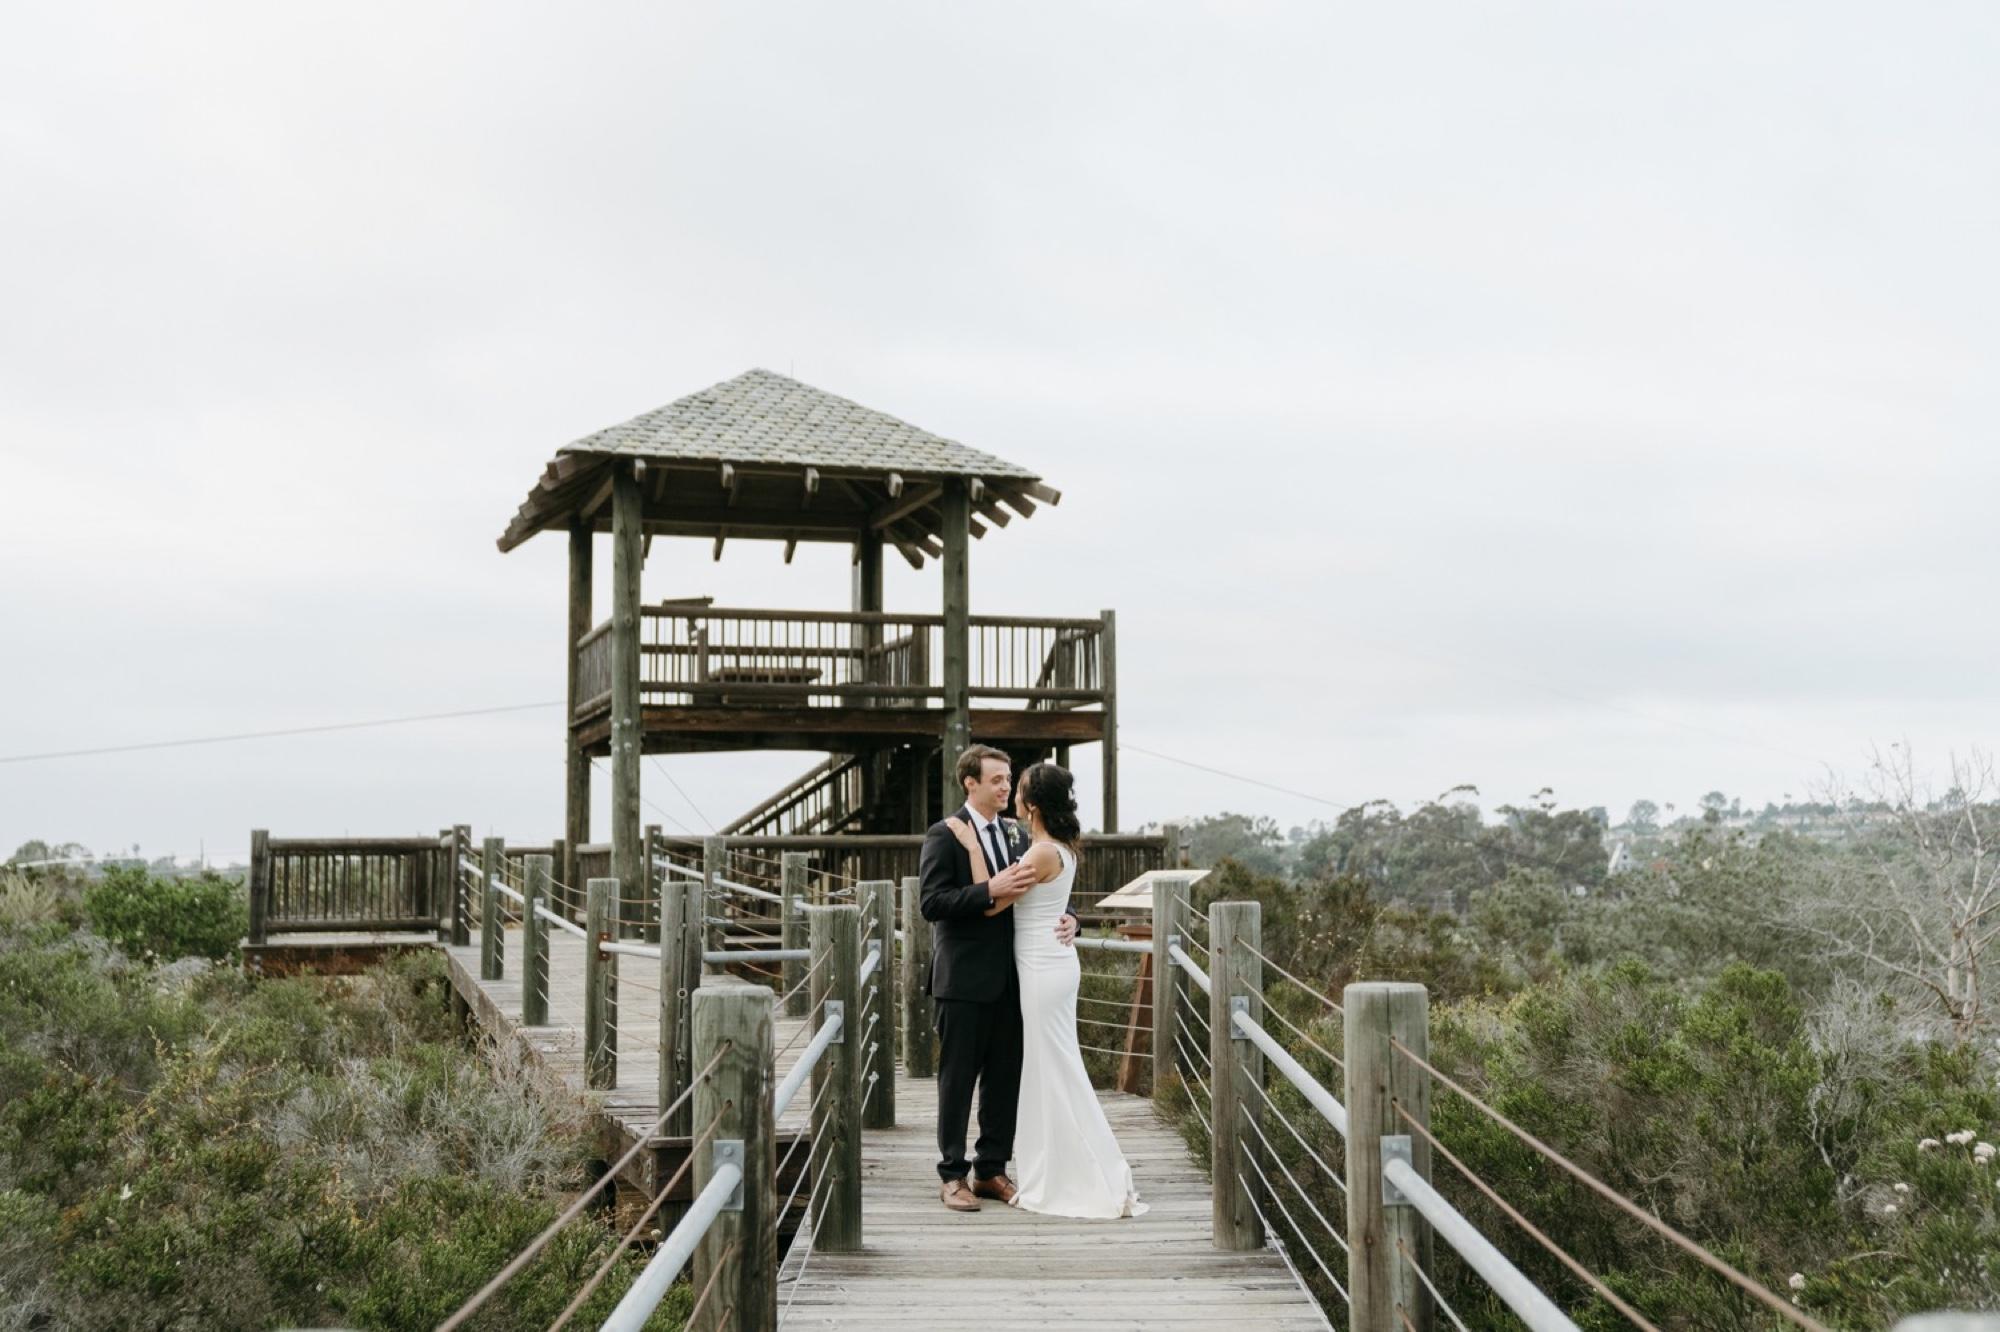 087_Shawna and Steve's Wedding-540.jpg